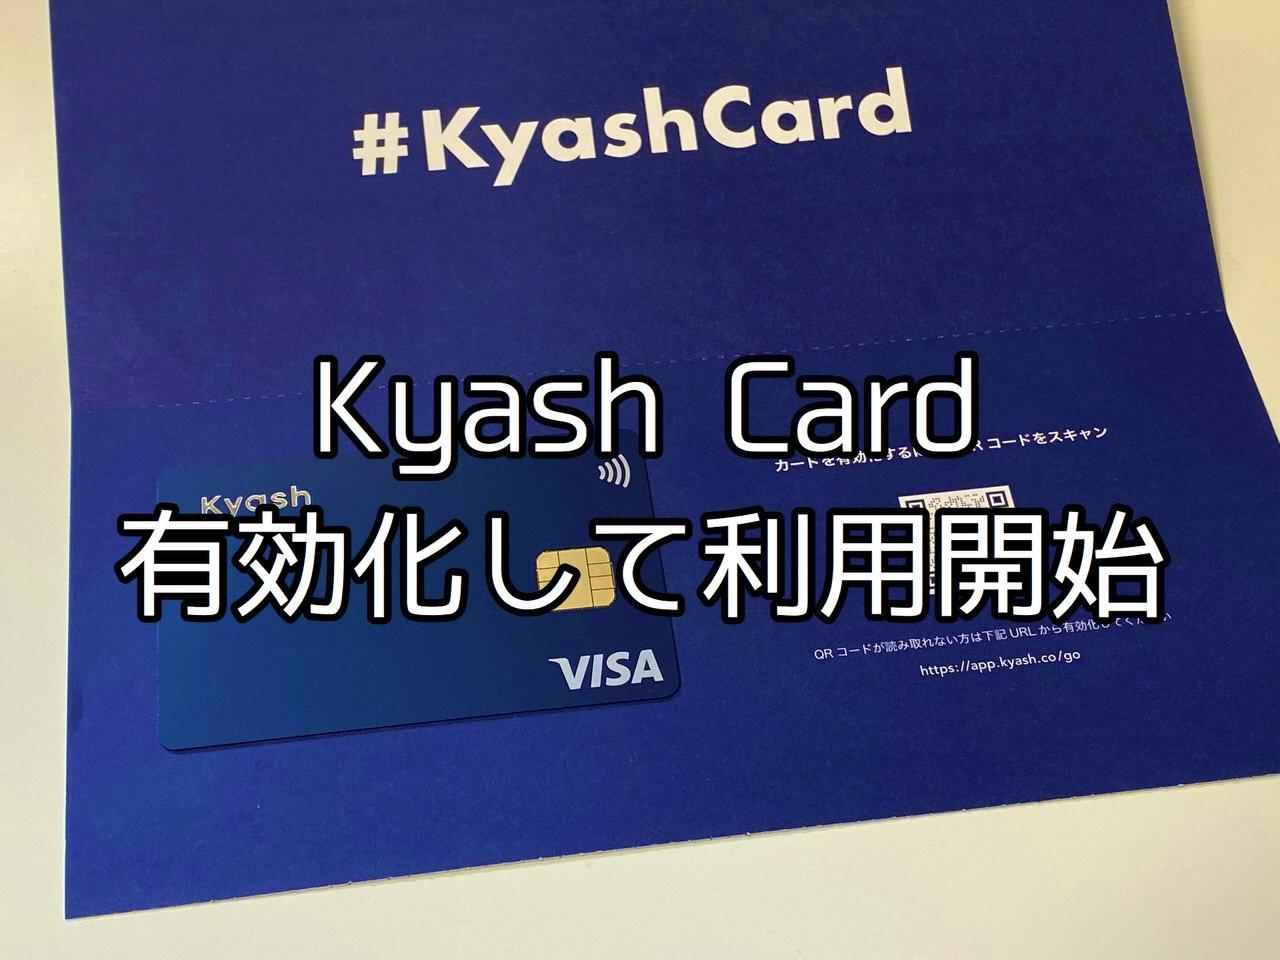 新しい「Kyash Card」が届いた!カード有効化&Apple Payに登録してみた